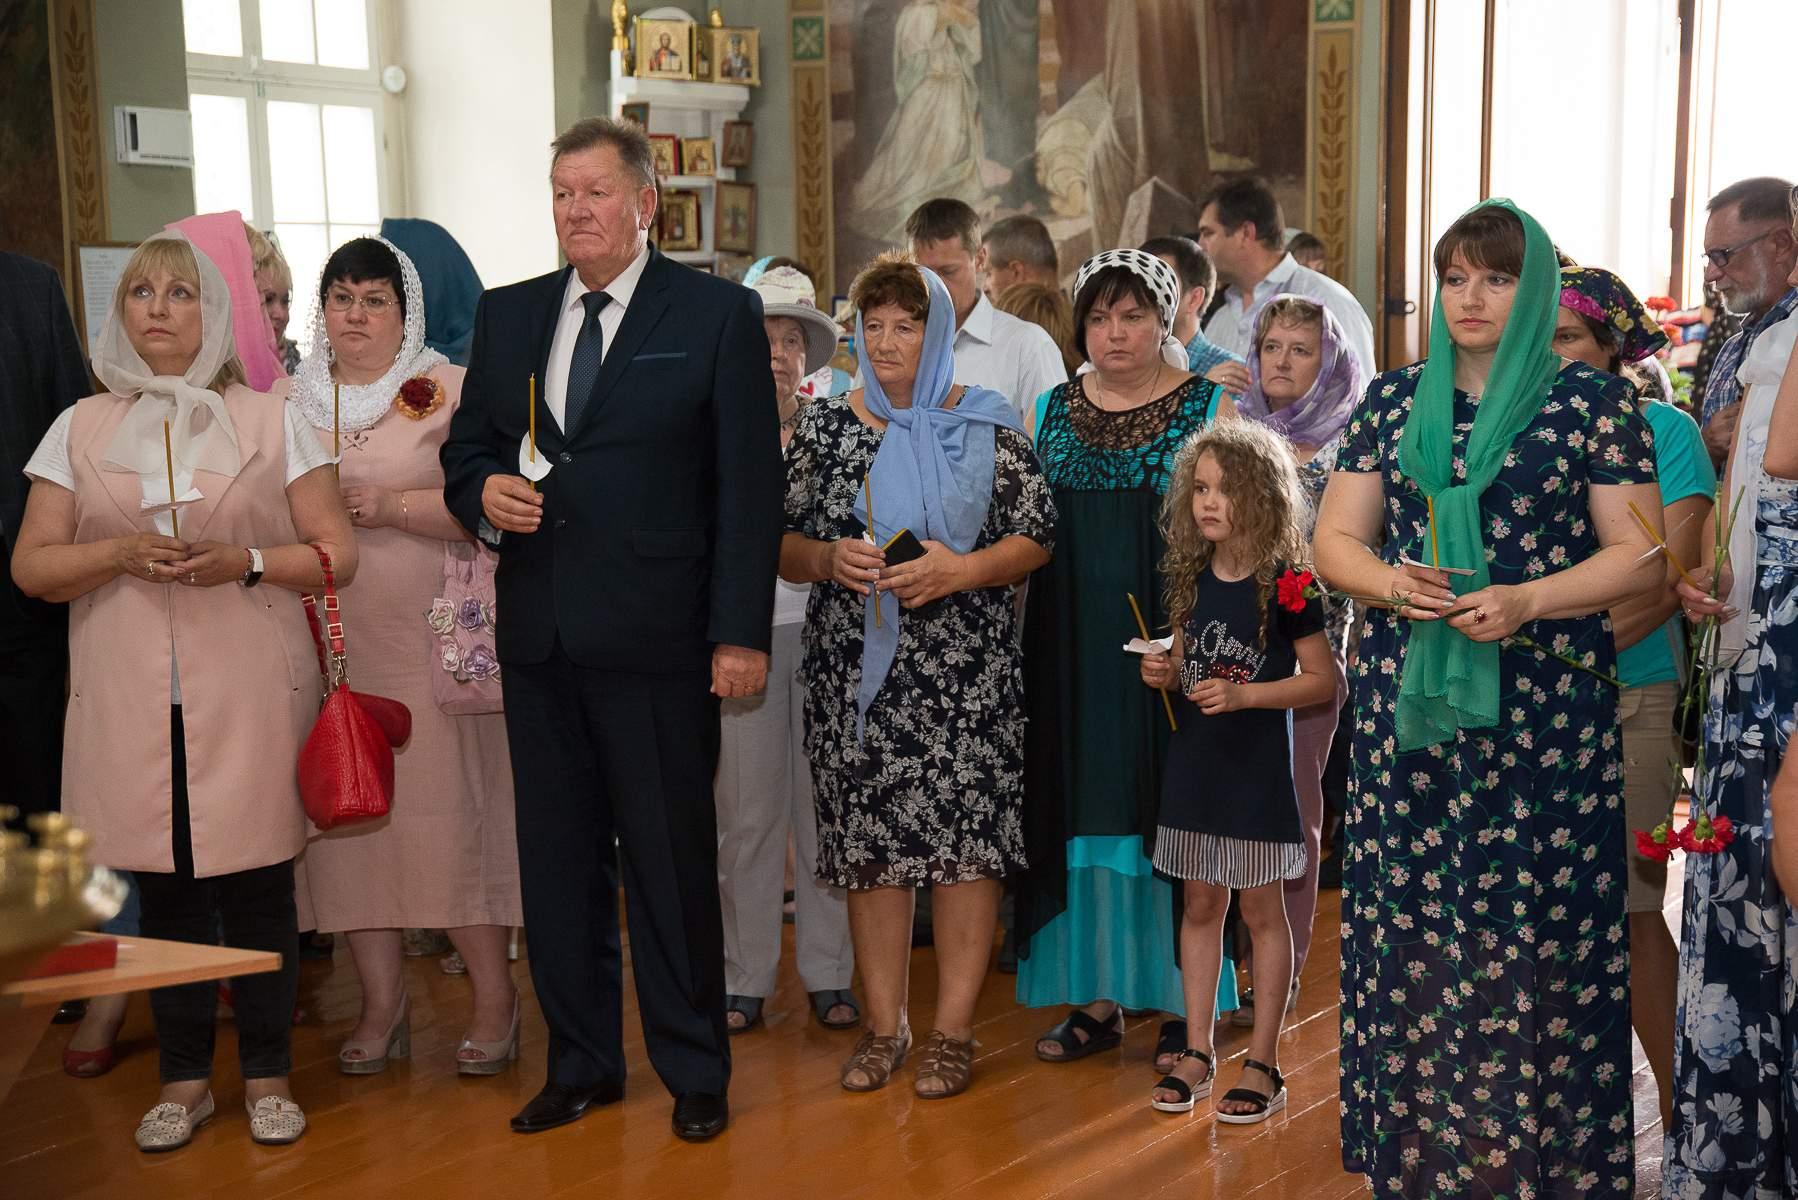 День памяти М.Ю. Лермонтова 27 июля 2019 года в музее «Тарханы».